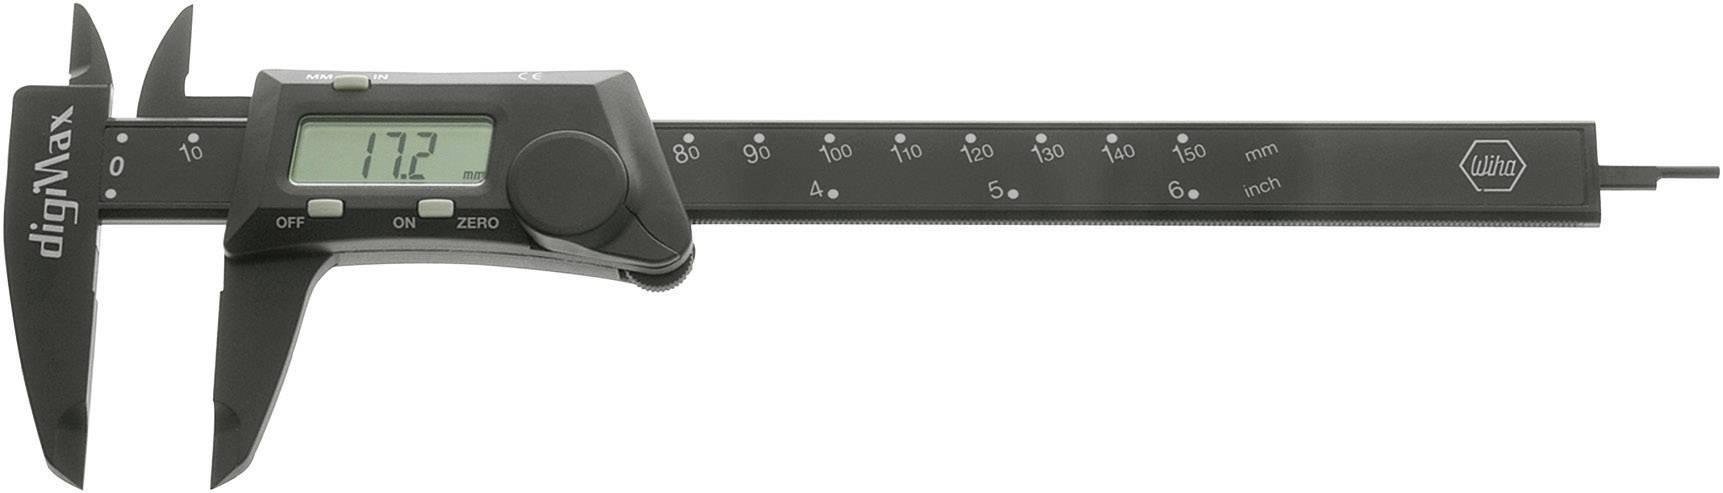 Digitální posuvné měřítko Wiha DigiMax 29422, měřicí rozsah 150 mm